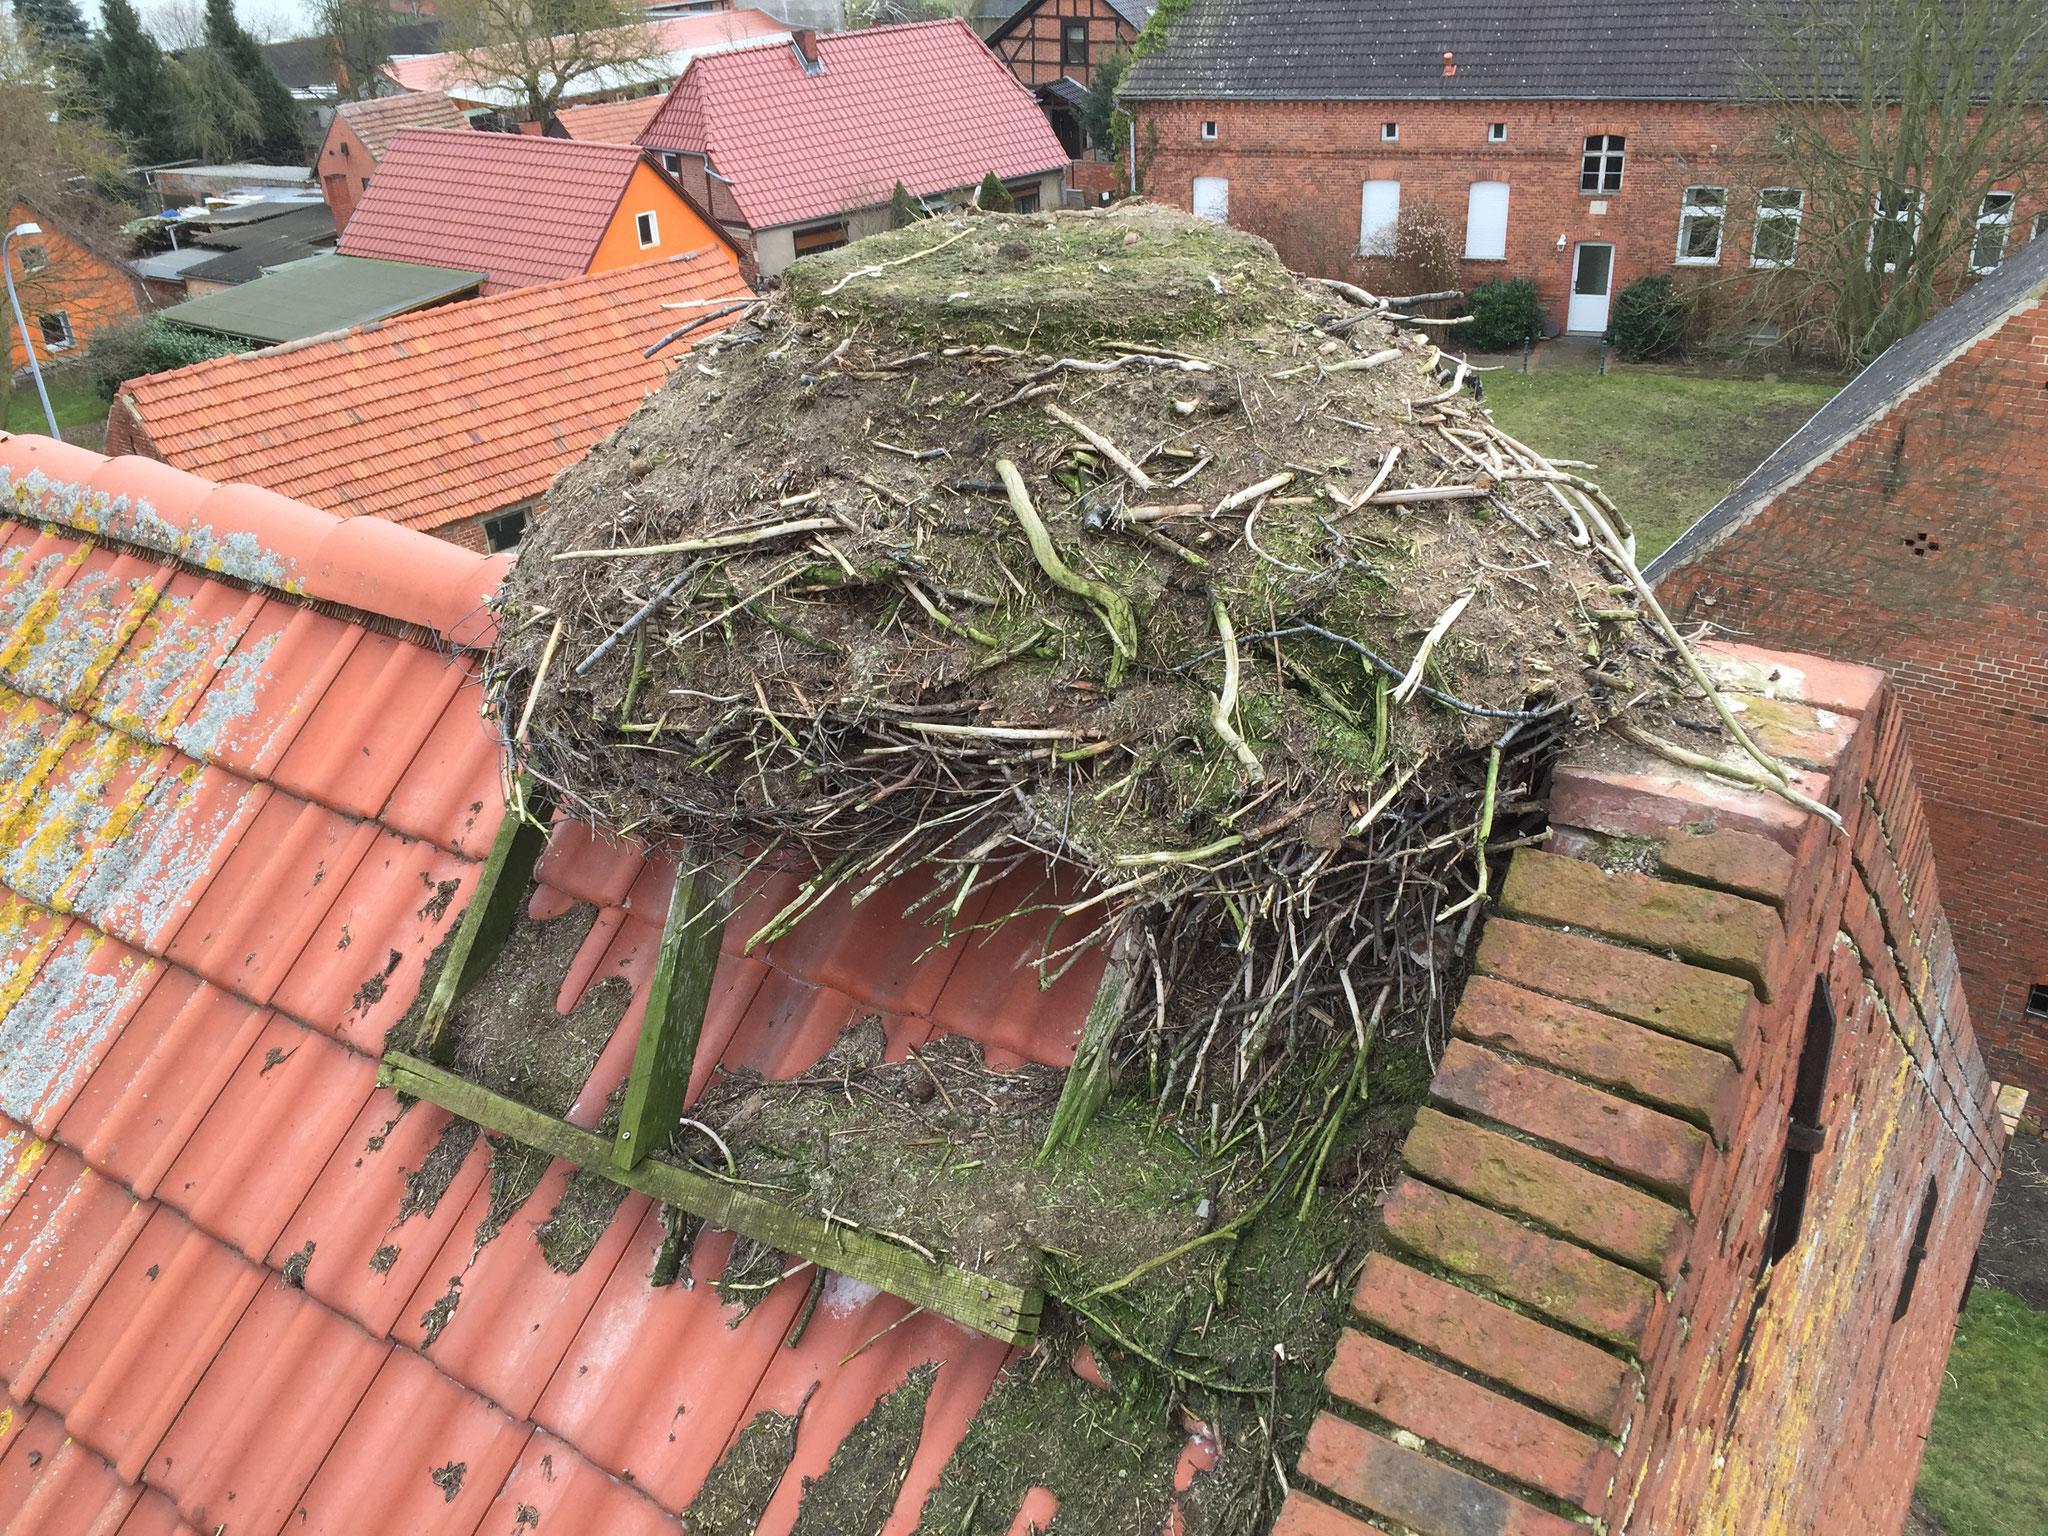 Rühstädt: Dieses Nest wird seit letzter Saison nicht mehr bewohnt. Das Gestell ist verrottet und das Nest musste neu aufgebaut werden (VORHER).